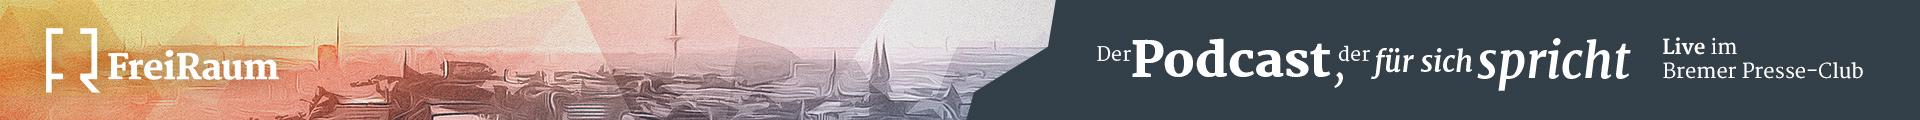 FreiRaum #02 Christian Schmidt | über GAMES-Journalismus